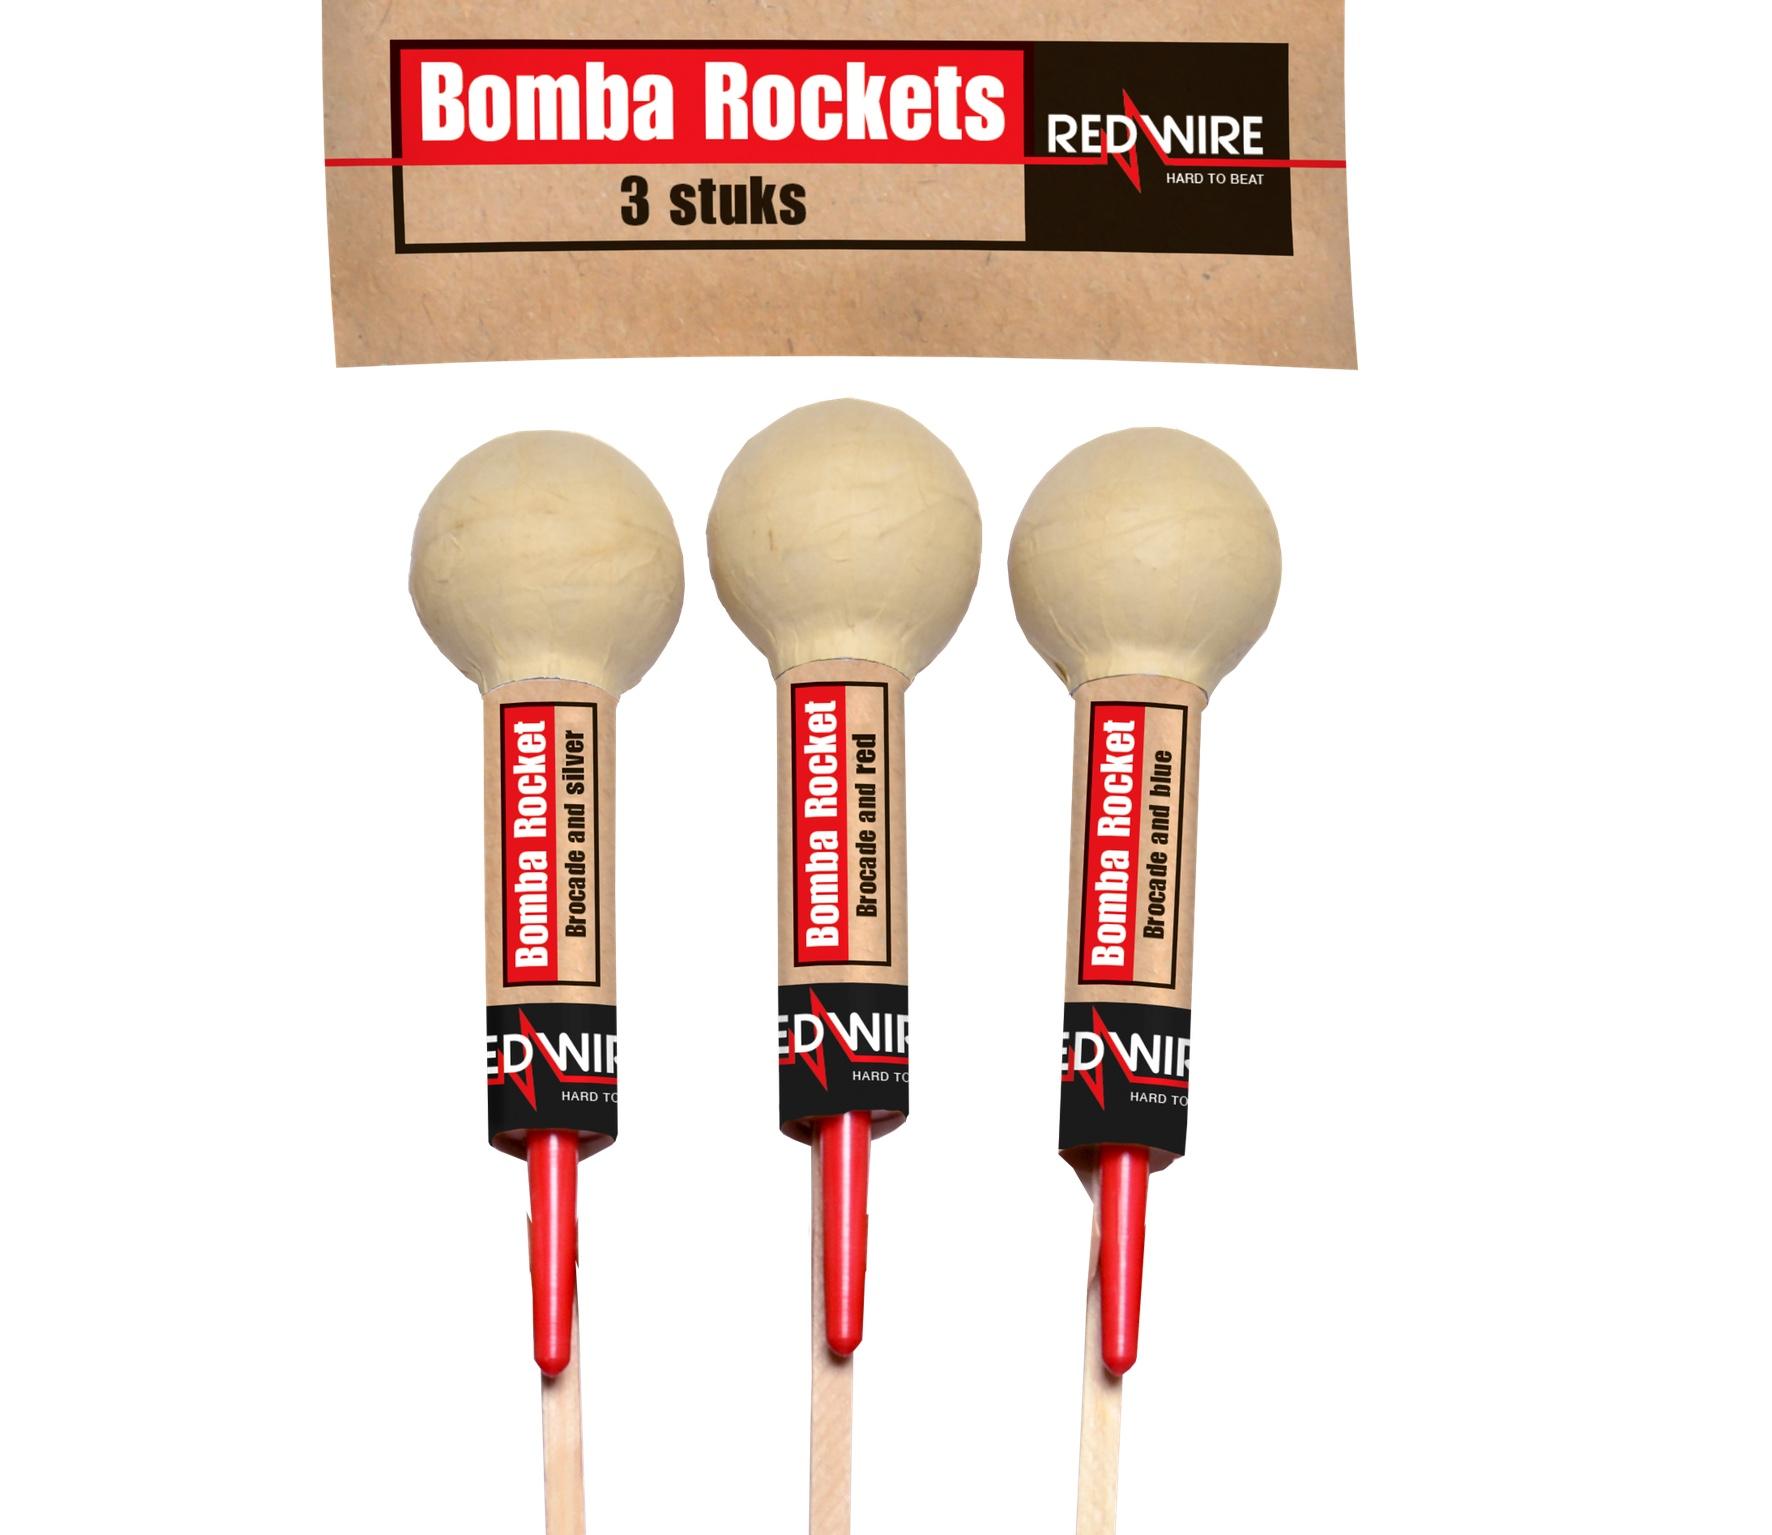 Bomba Rockets